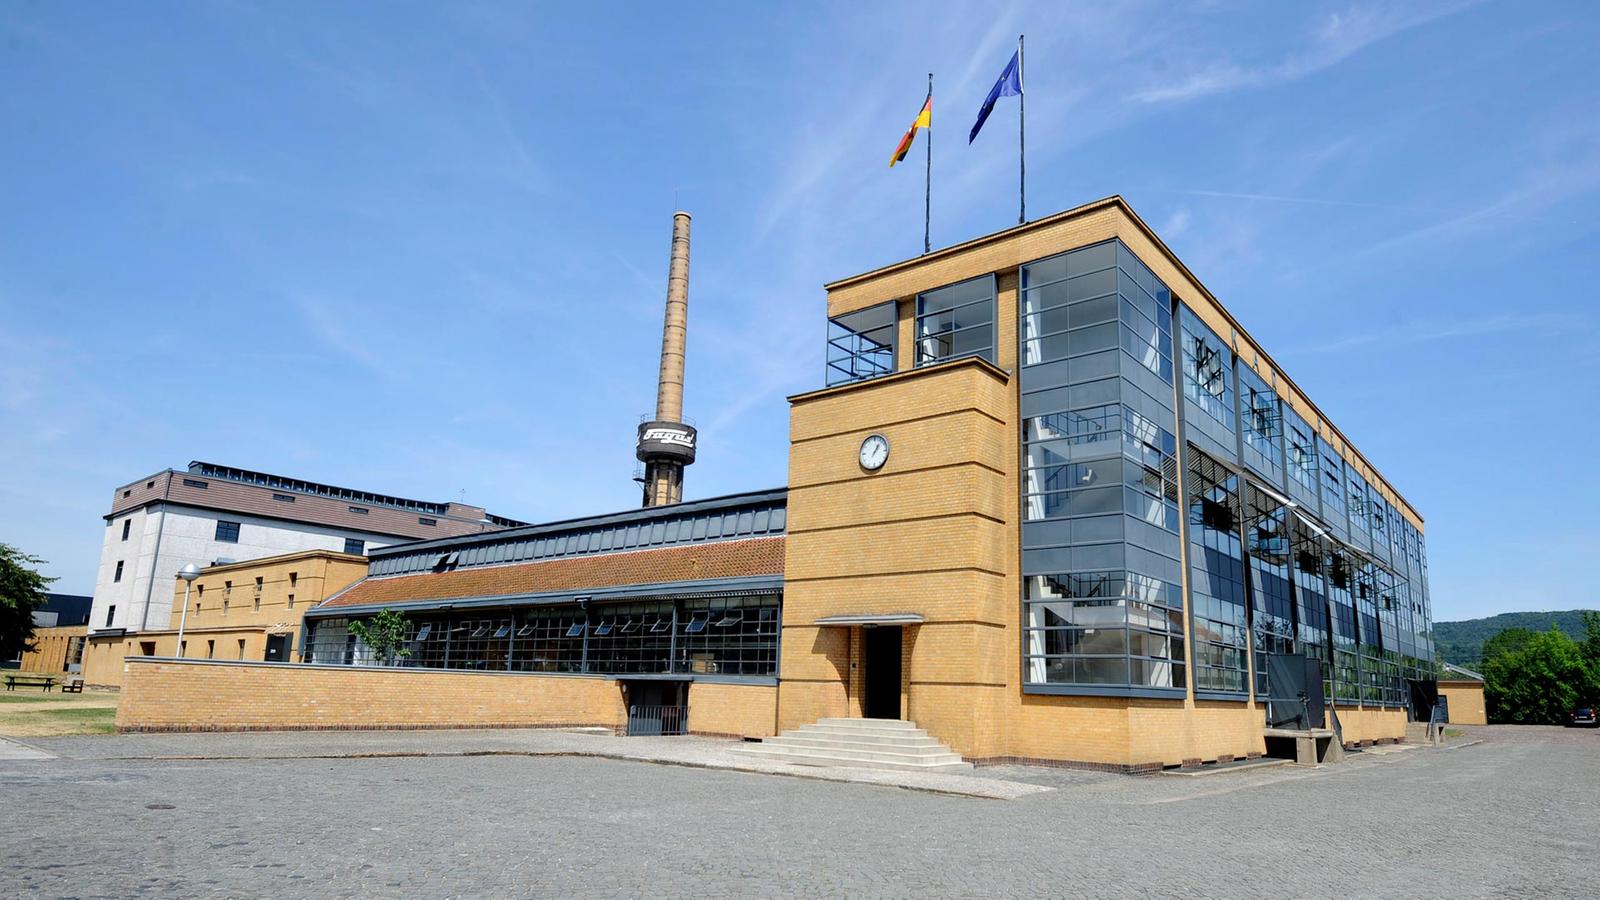 Bauhaus walter gropius architektur kultur planet wissen for Studium der architektur